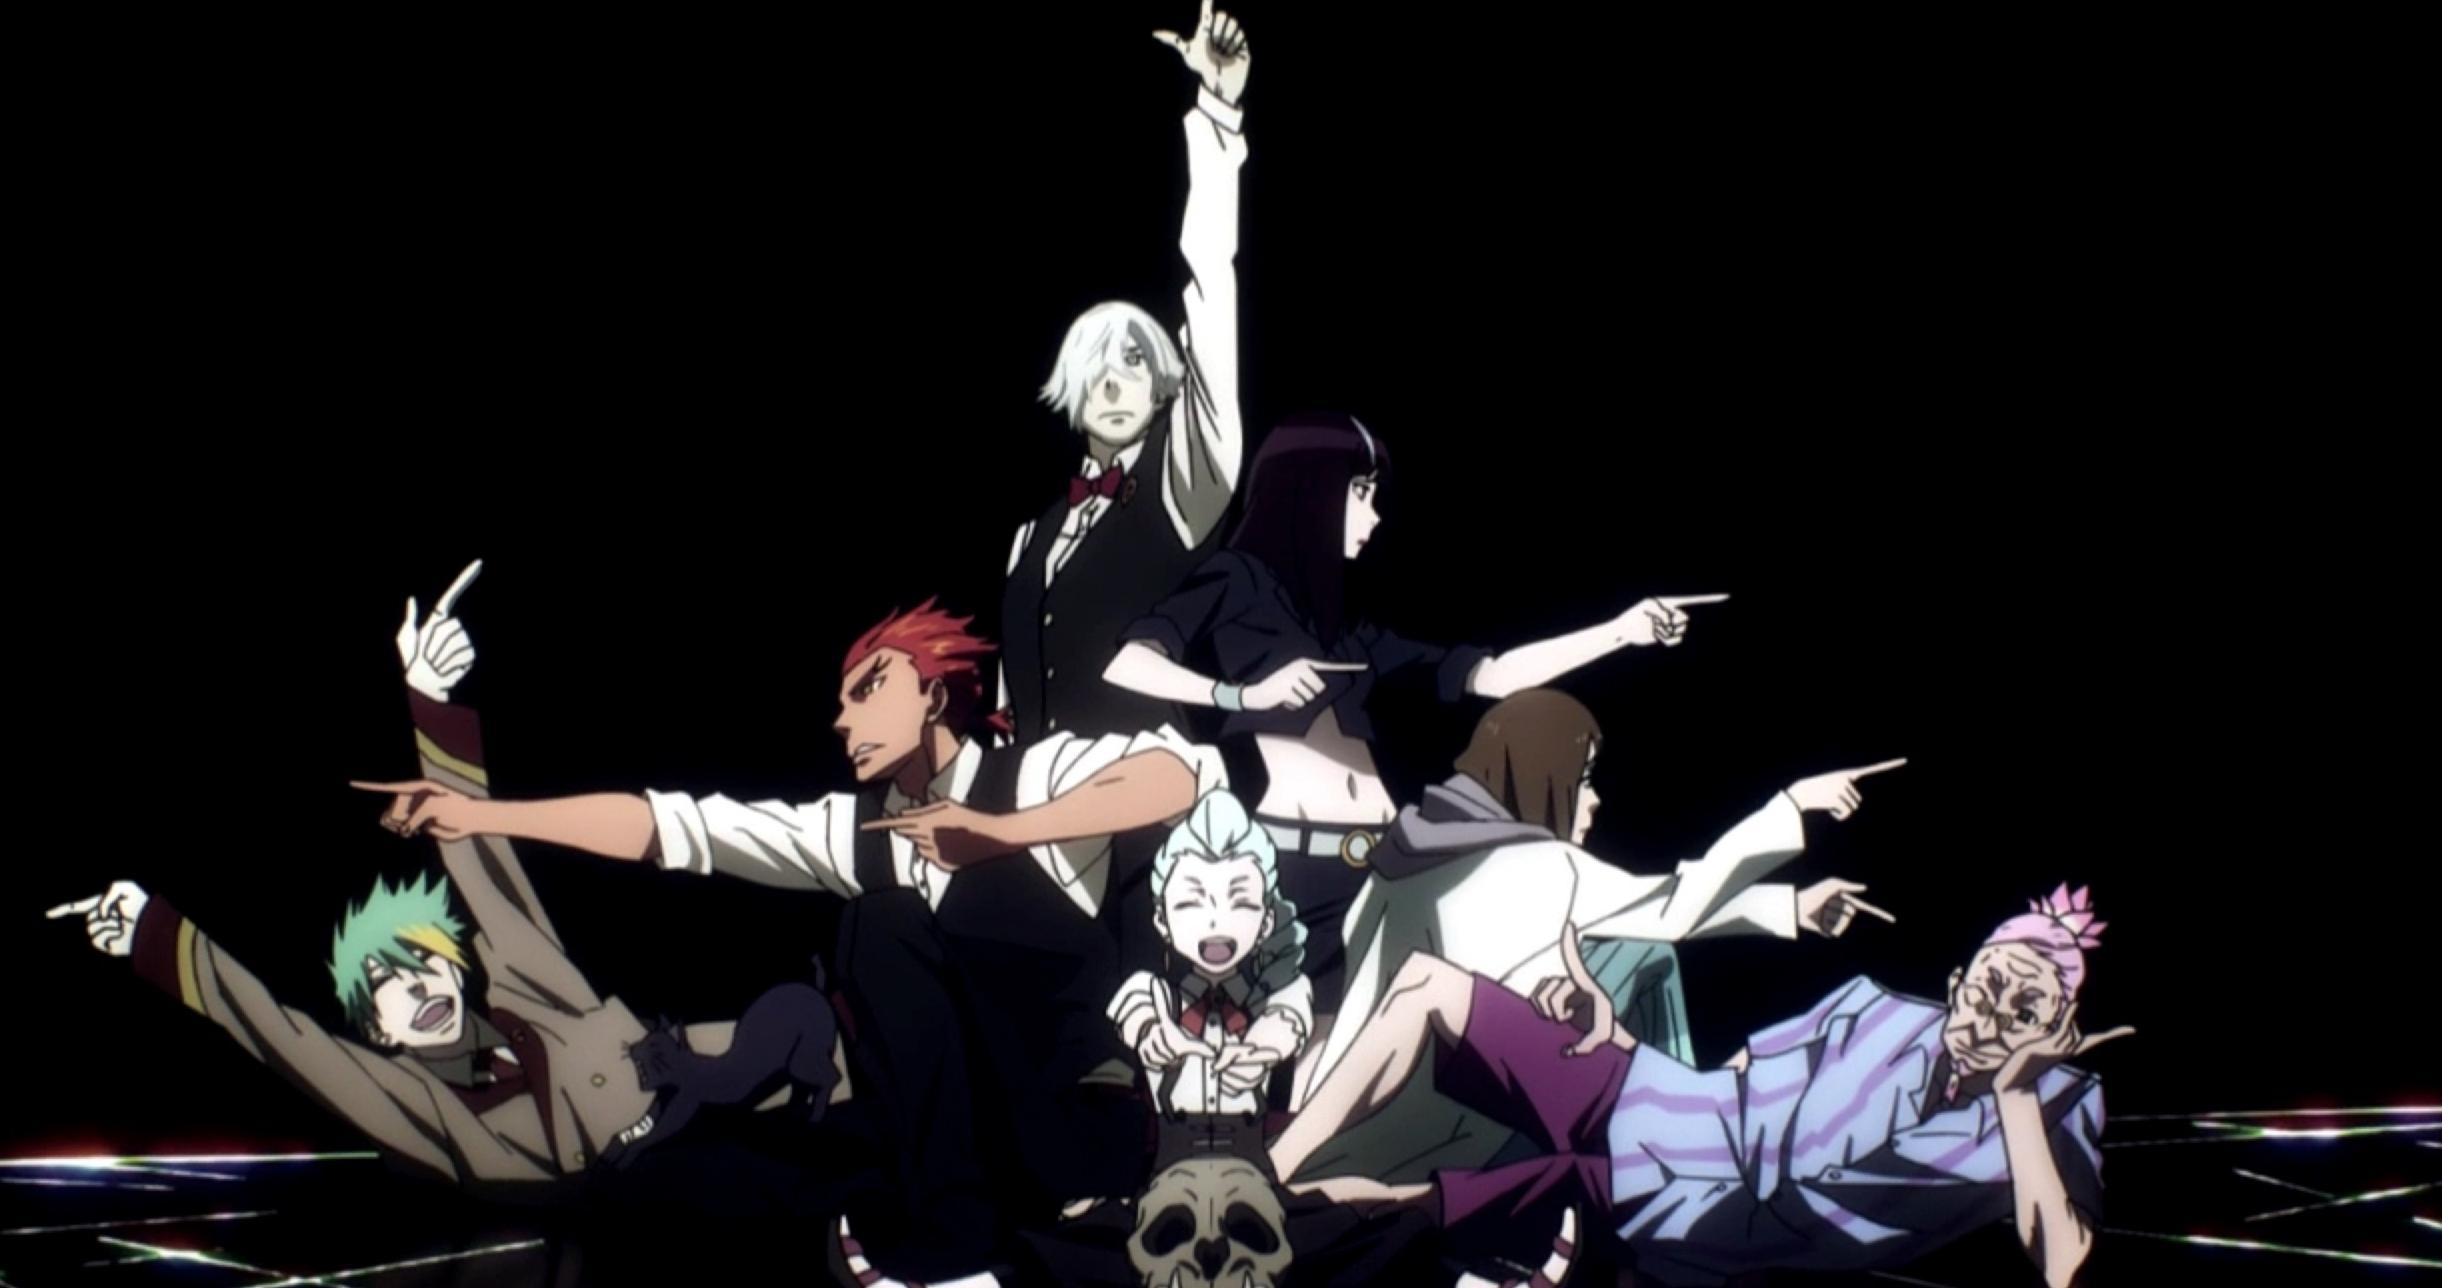 Death Parade Season 2